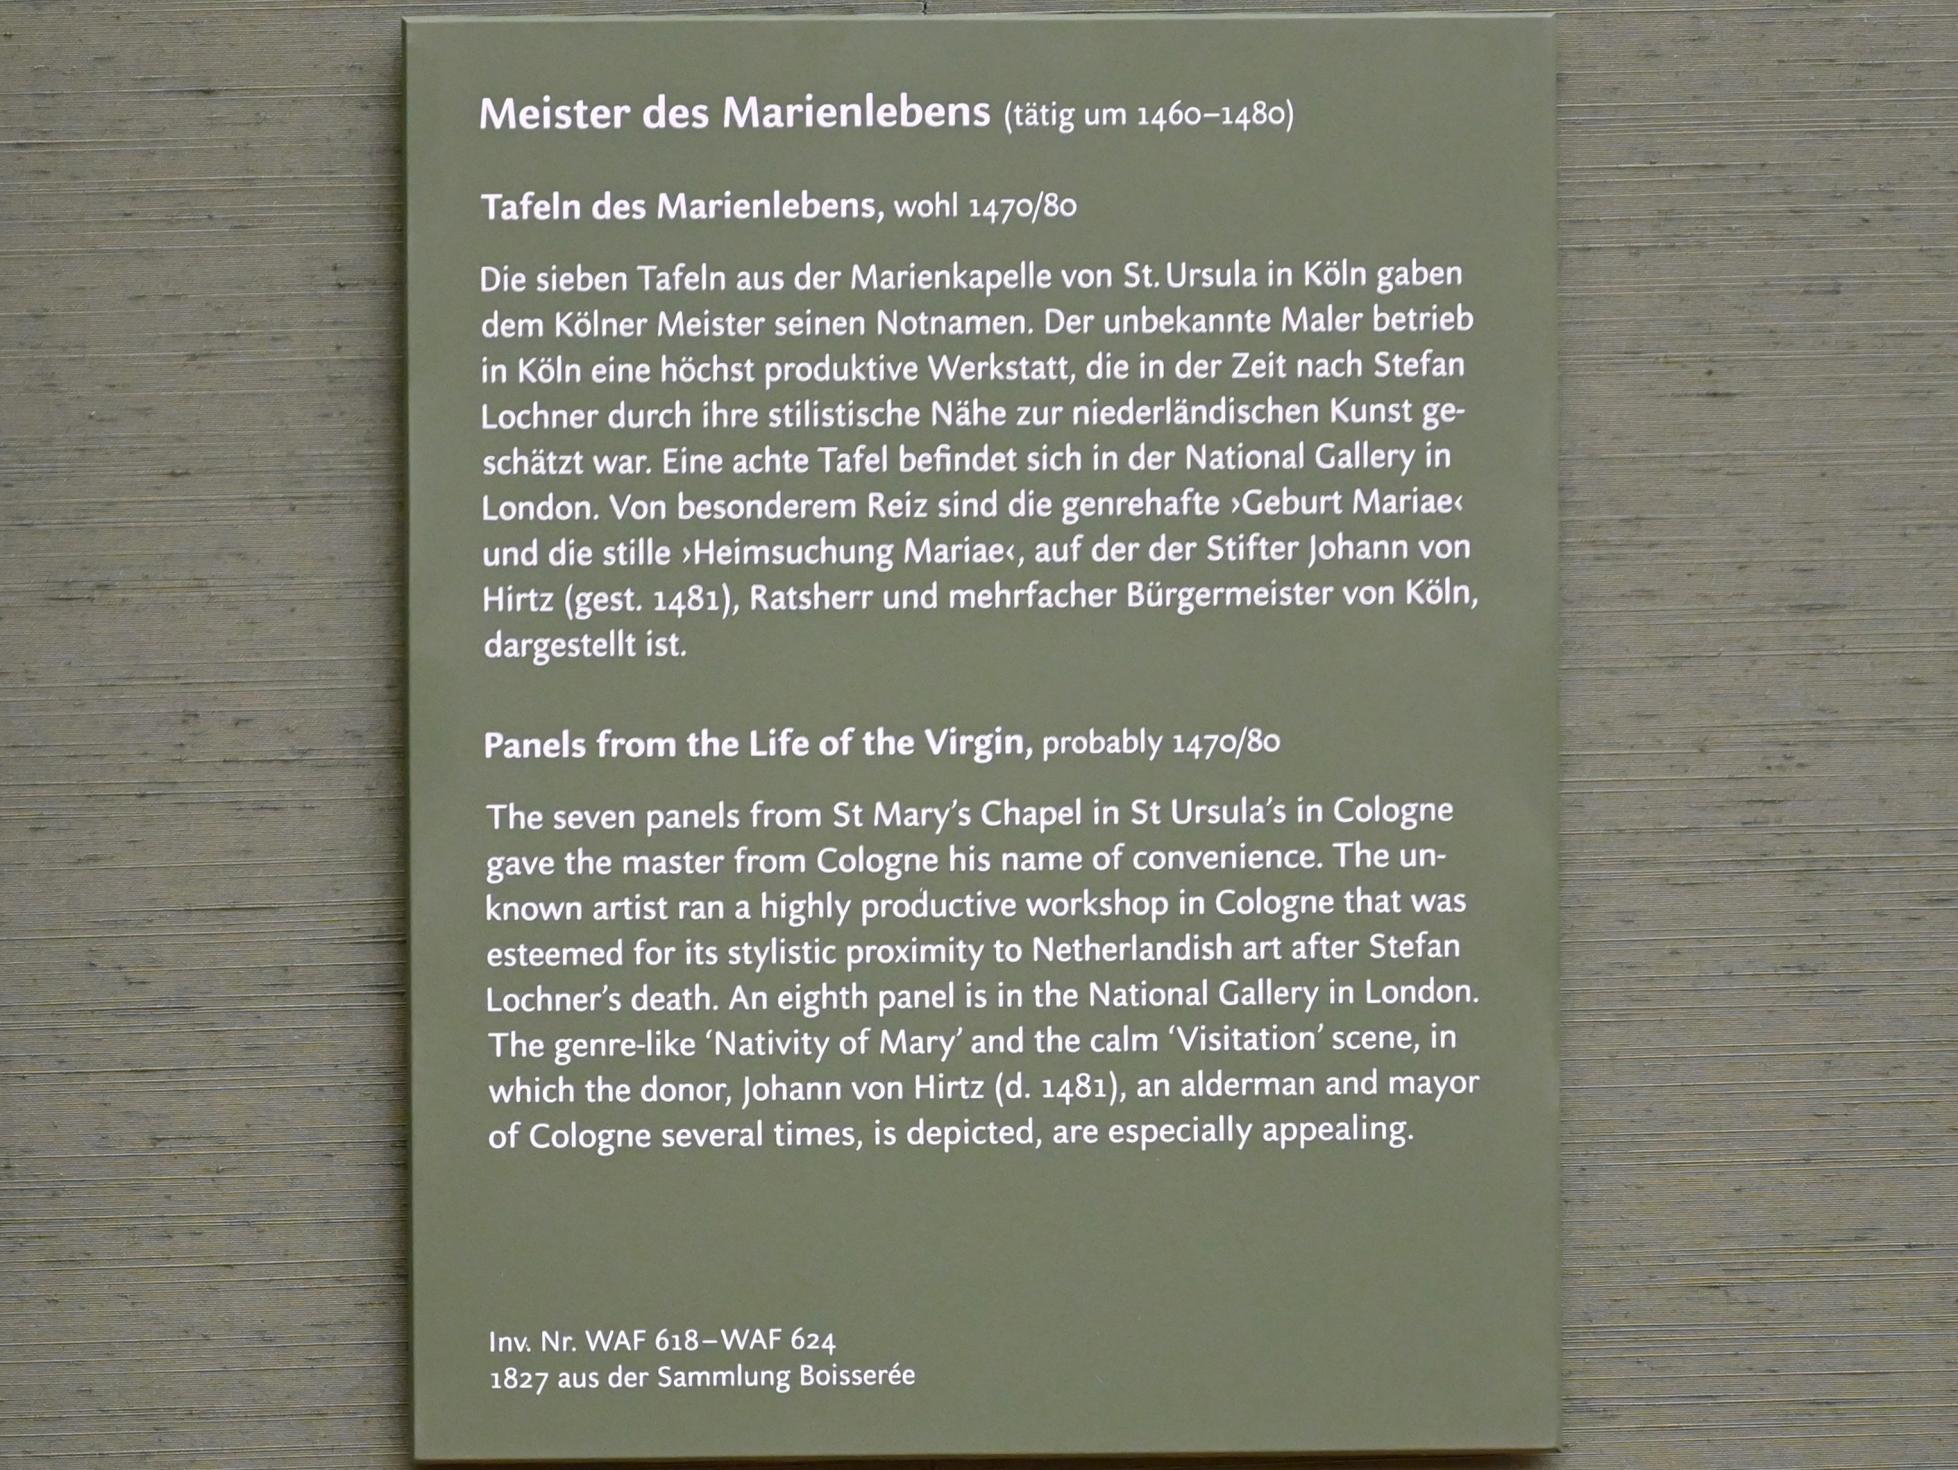 Meister des Marienlebens: Himmelfahrt Mariae, um 1470 - 1480, Bild 3/3